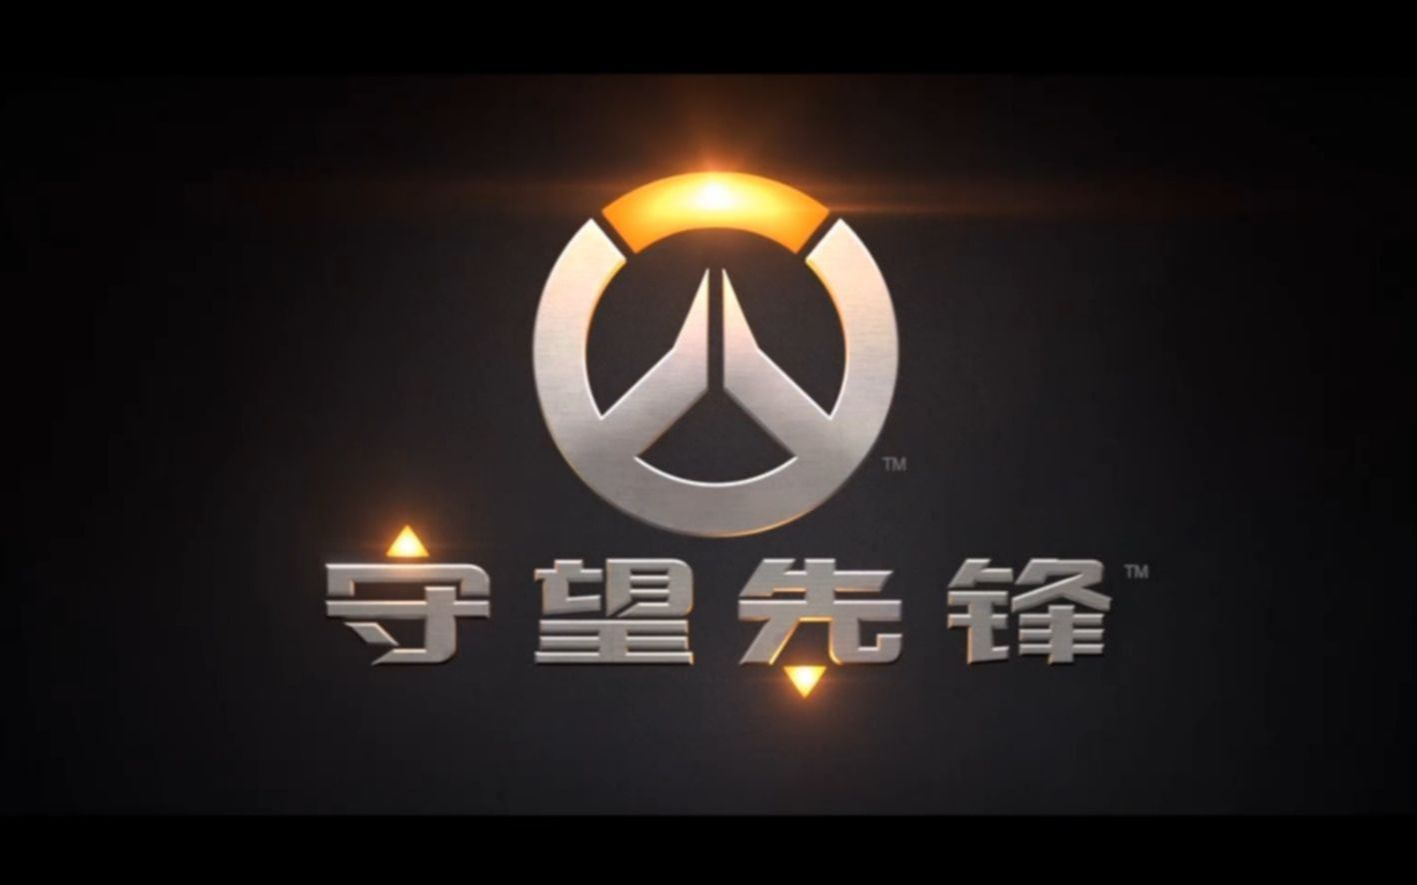 守望先锋新英雄:燕双鹰 英雄介绍